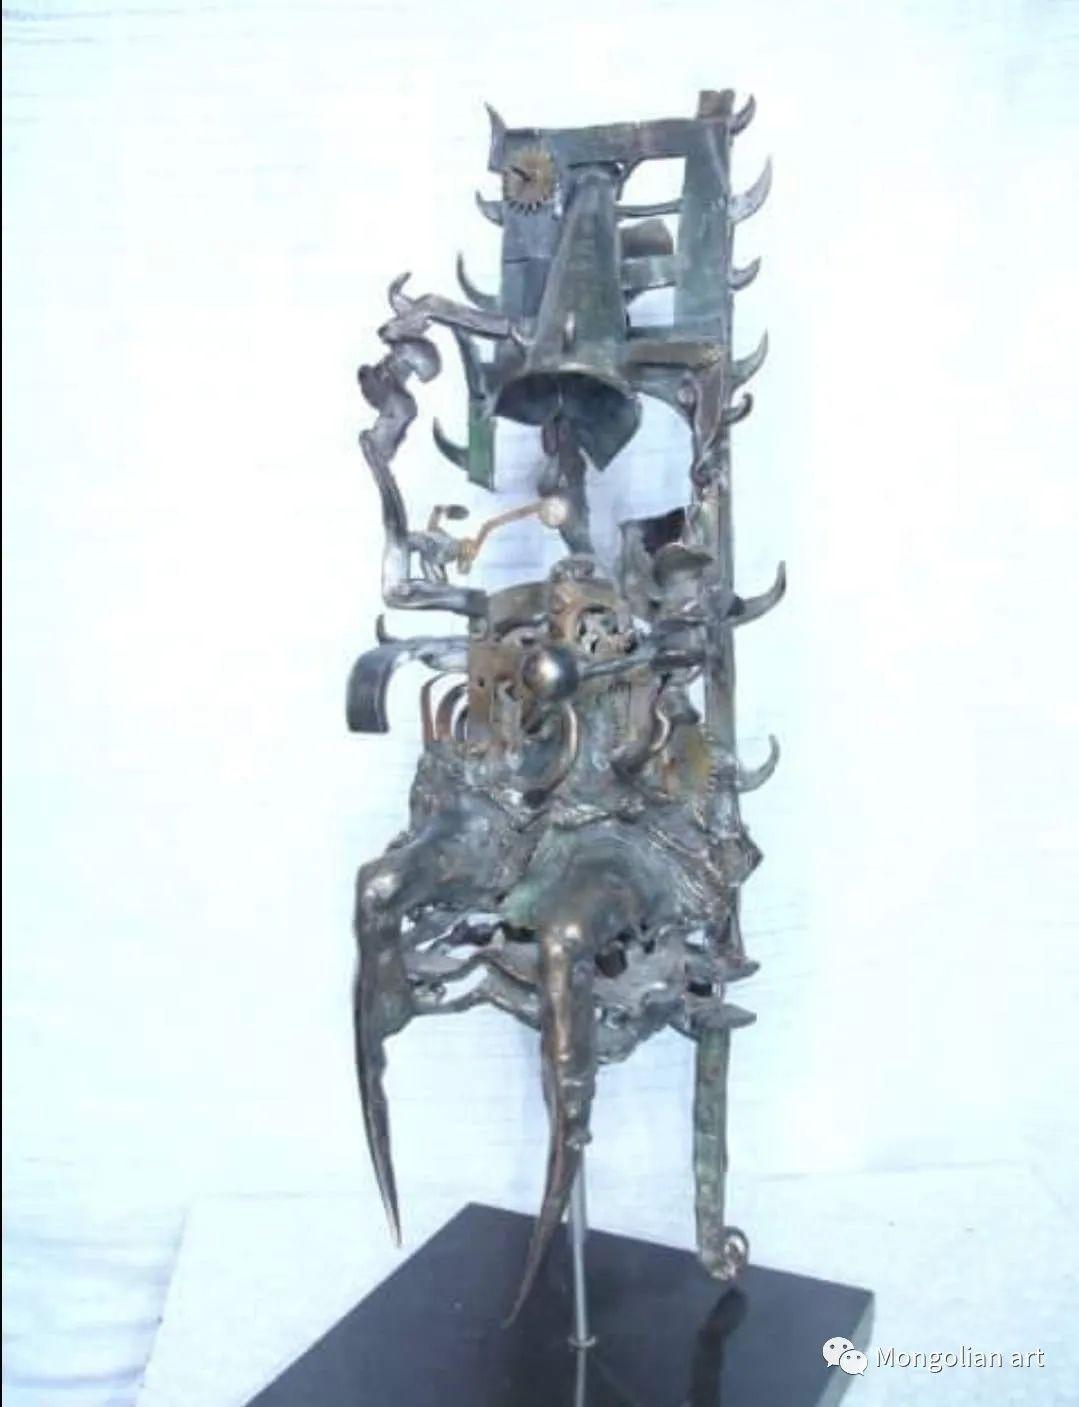 蒙古艺术博物馆获奖雕塑家Tuvdendorj Darzav 第22张 蒙古艺术博物馆获奖雕塑家Tuvdendorj Darzav 蒙古画廊